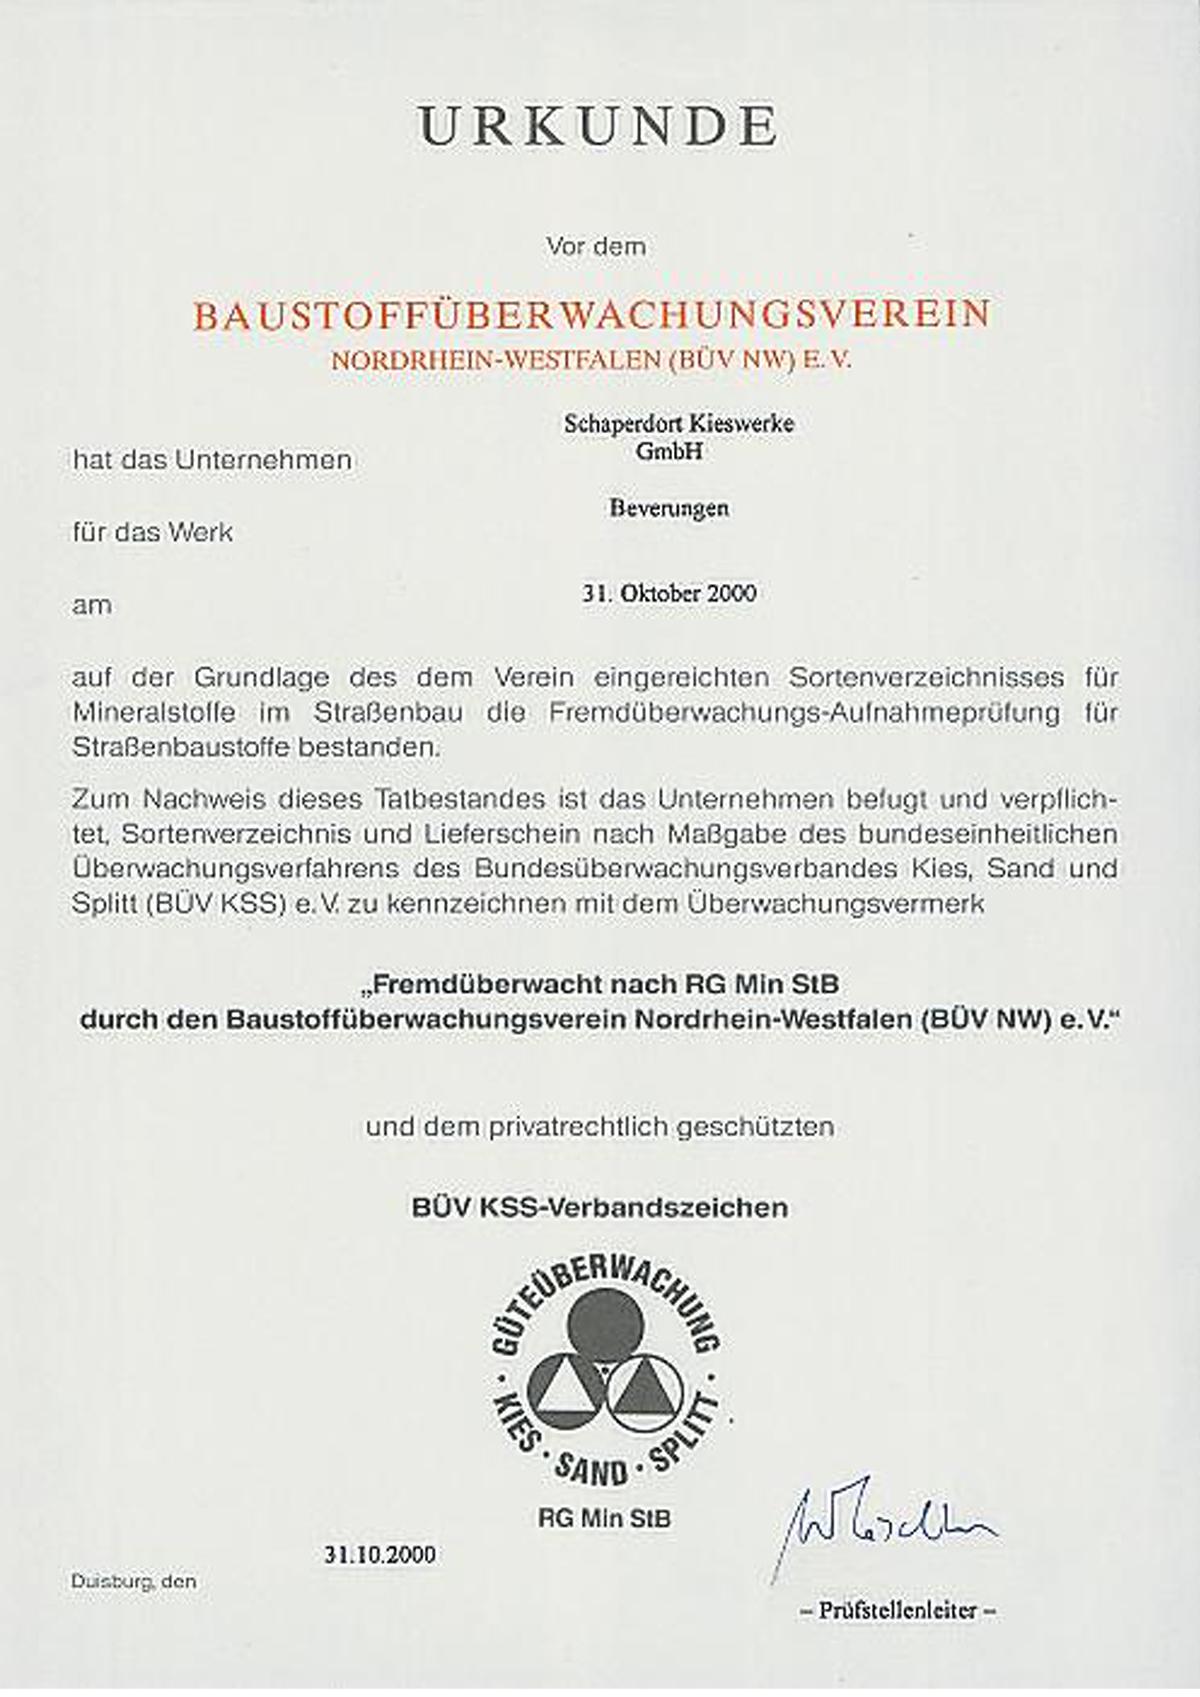 Baustoffüberwachungsverein